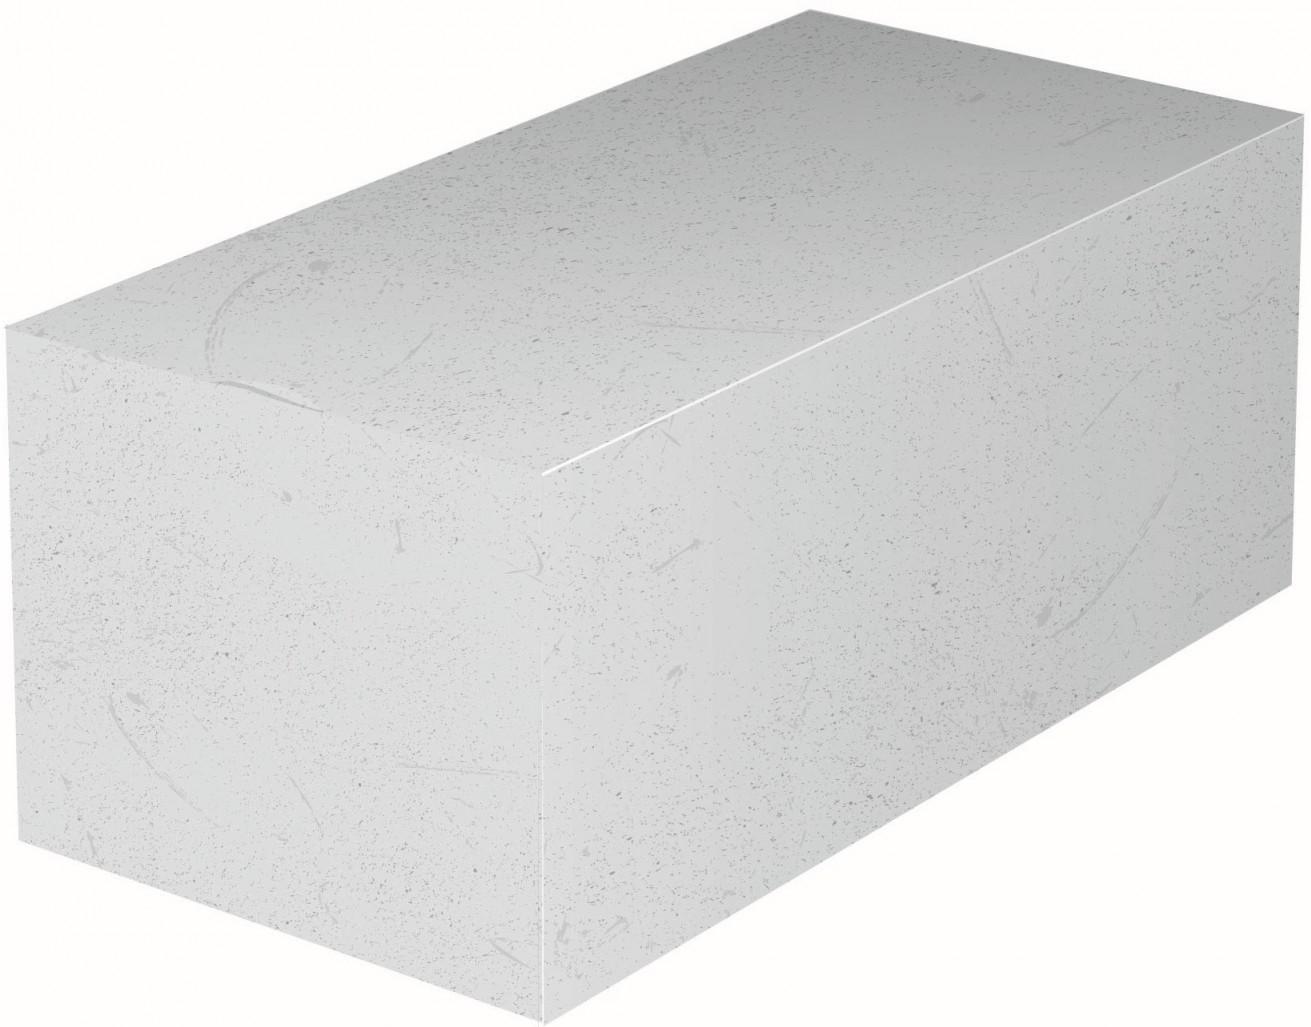 Bonolit D400, 600х250х400 мм, Блок газобетонный фото